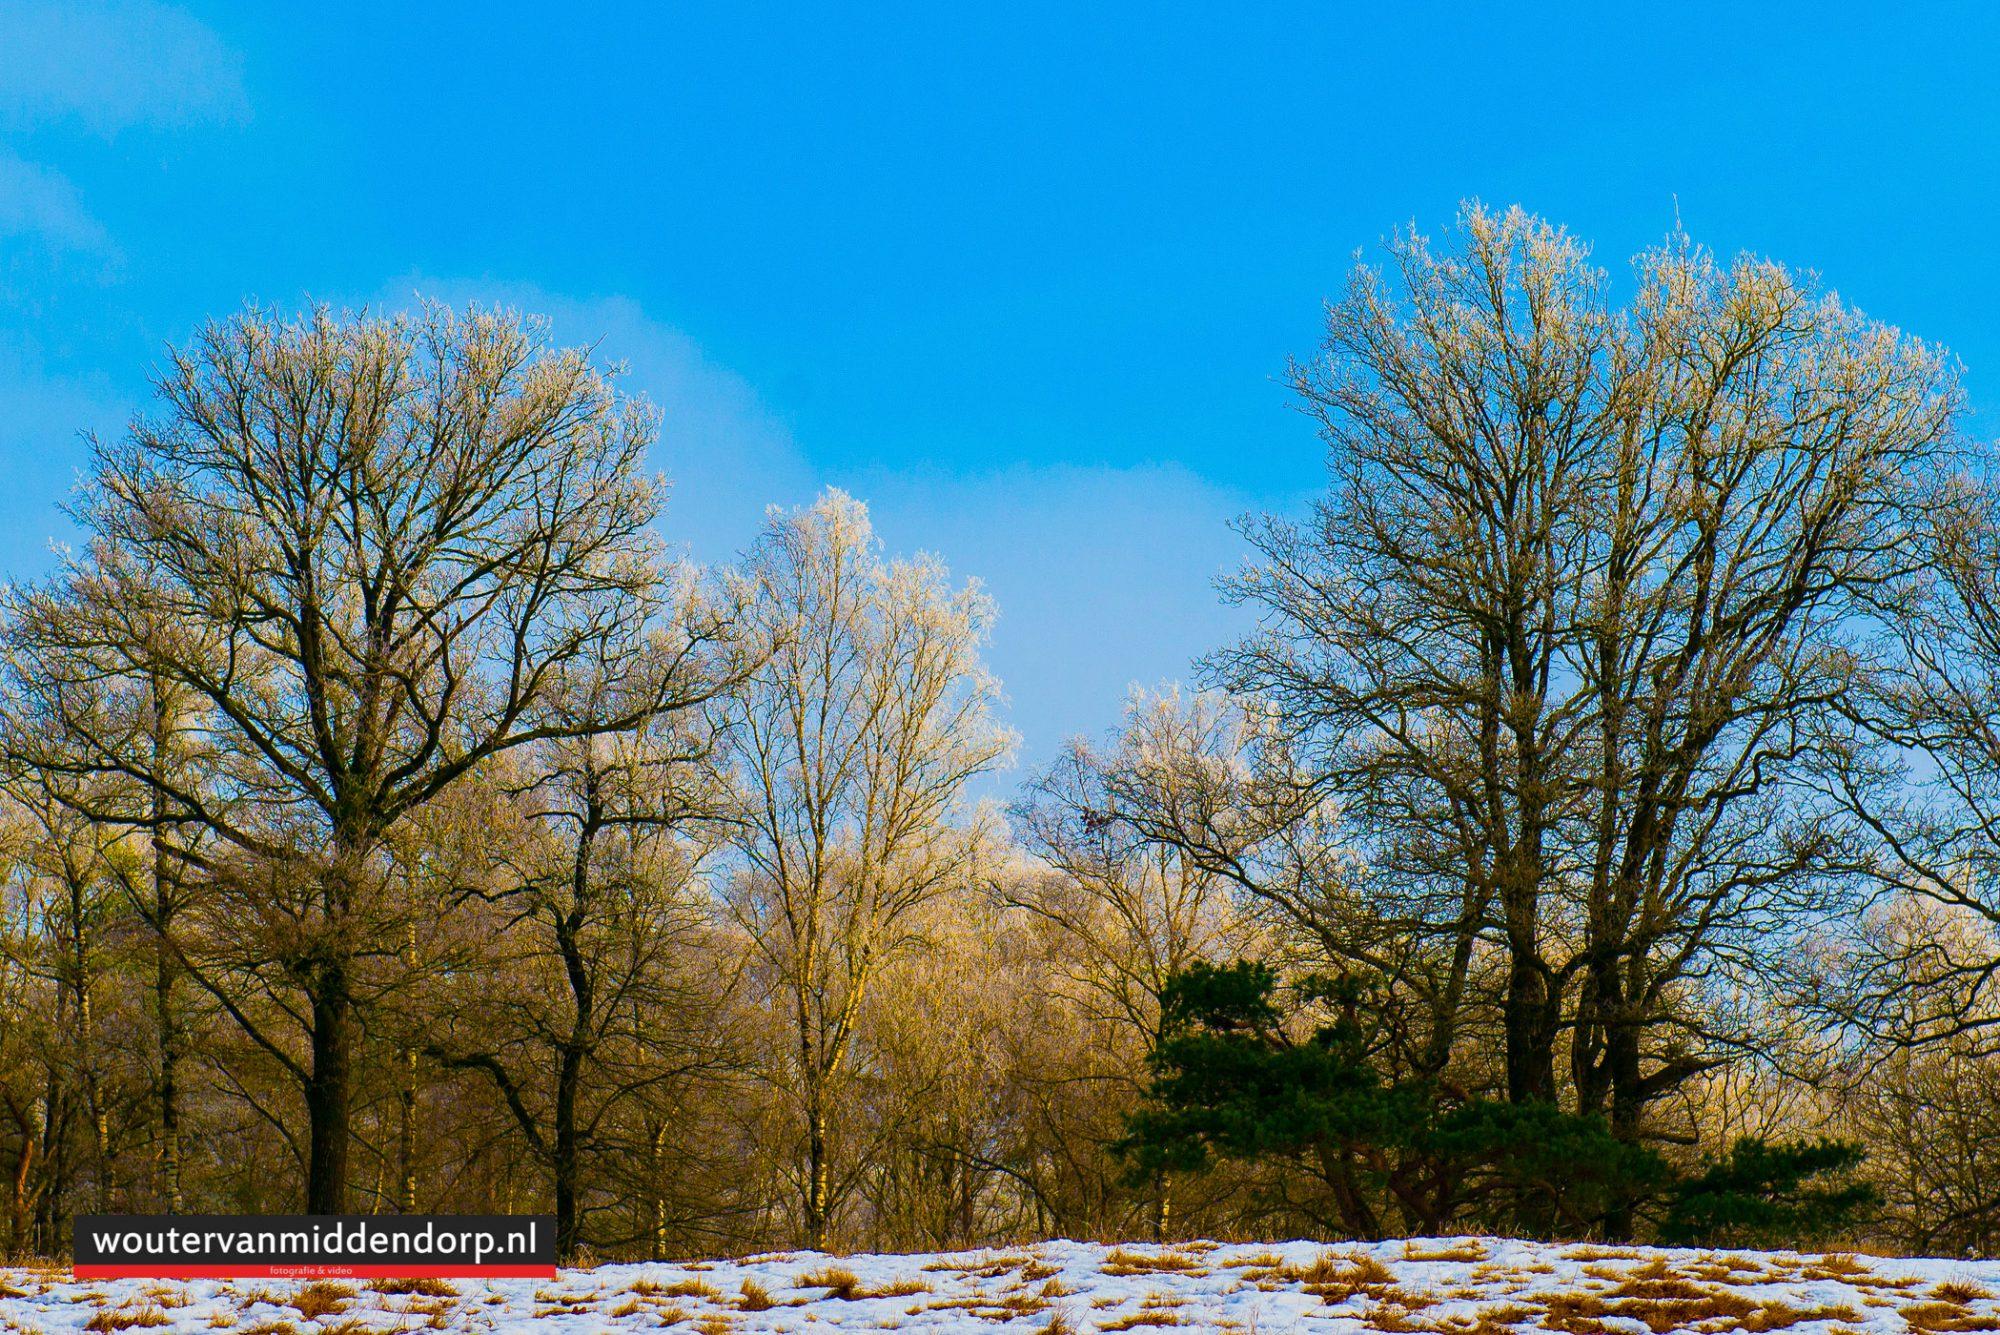 natuurfotografie-133